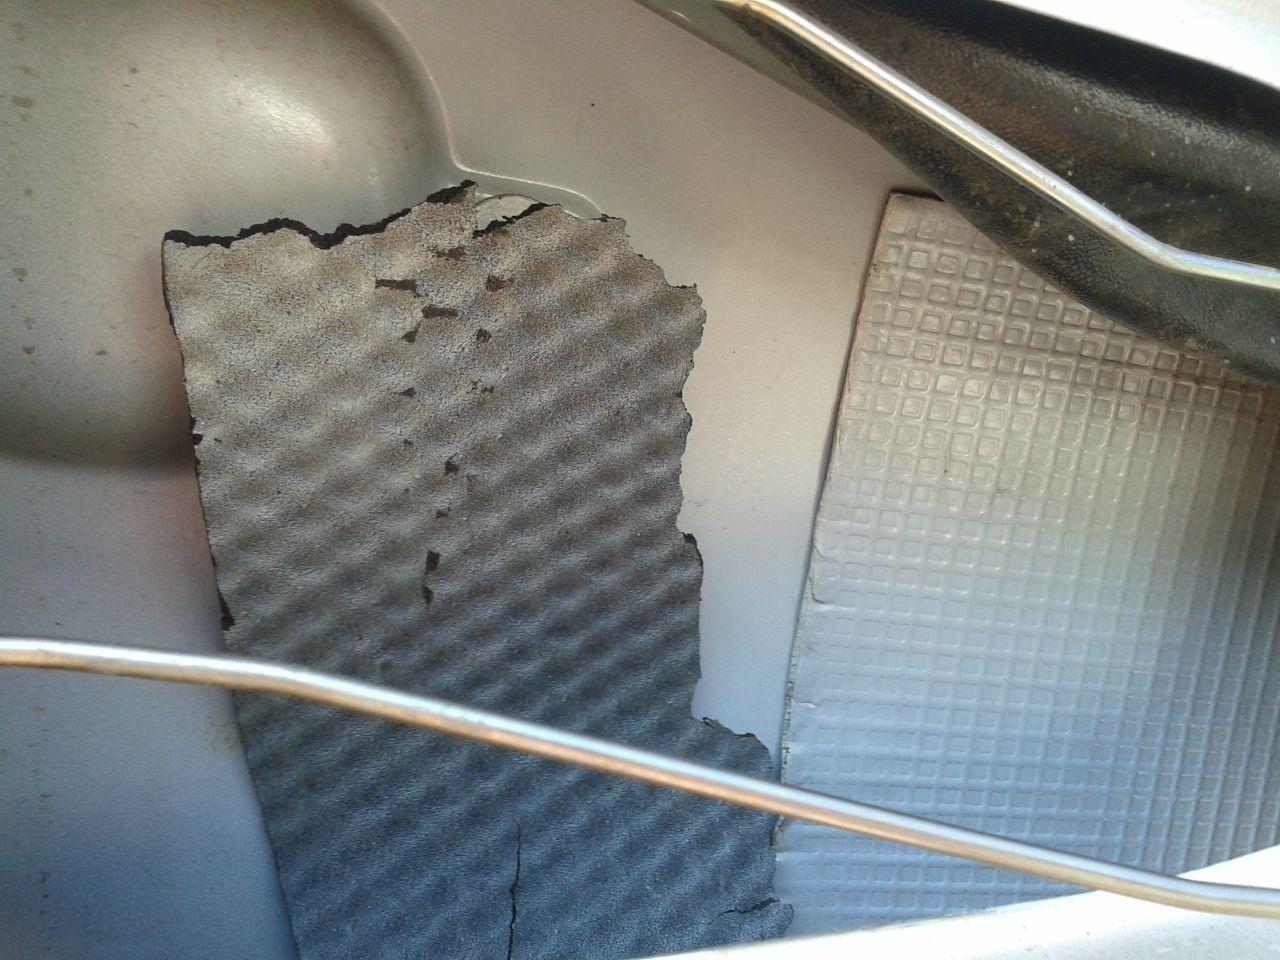 А это левая задняя дверь, которой повезло тем, что после повреждения её перекрасили. Слева от крашеной накладки фрагмент накладки с другой двери, наклеенной на заводе.